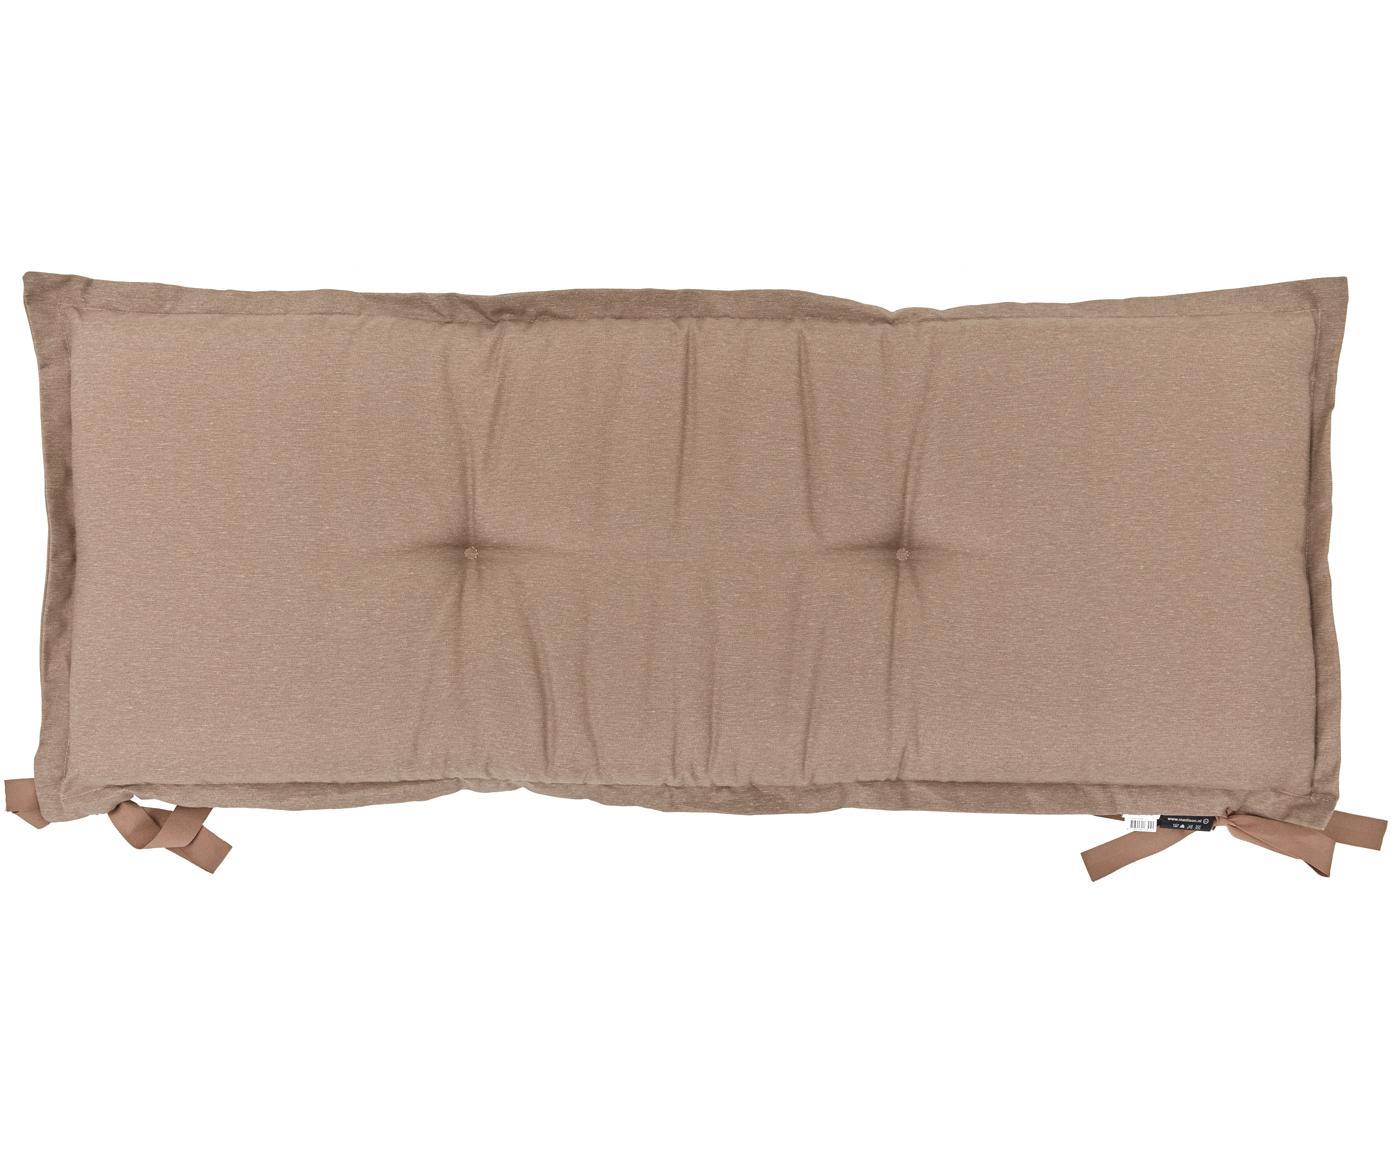 Cuscino sedia lungo Panama, 50% cotone, 45% poliestere, 5% altre fibre, Taupe, Larg. 48 x Lung. 120 cm